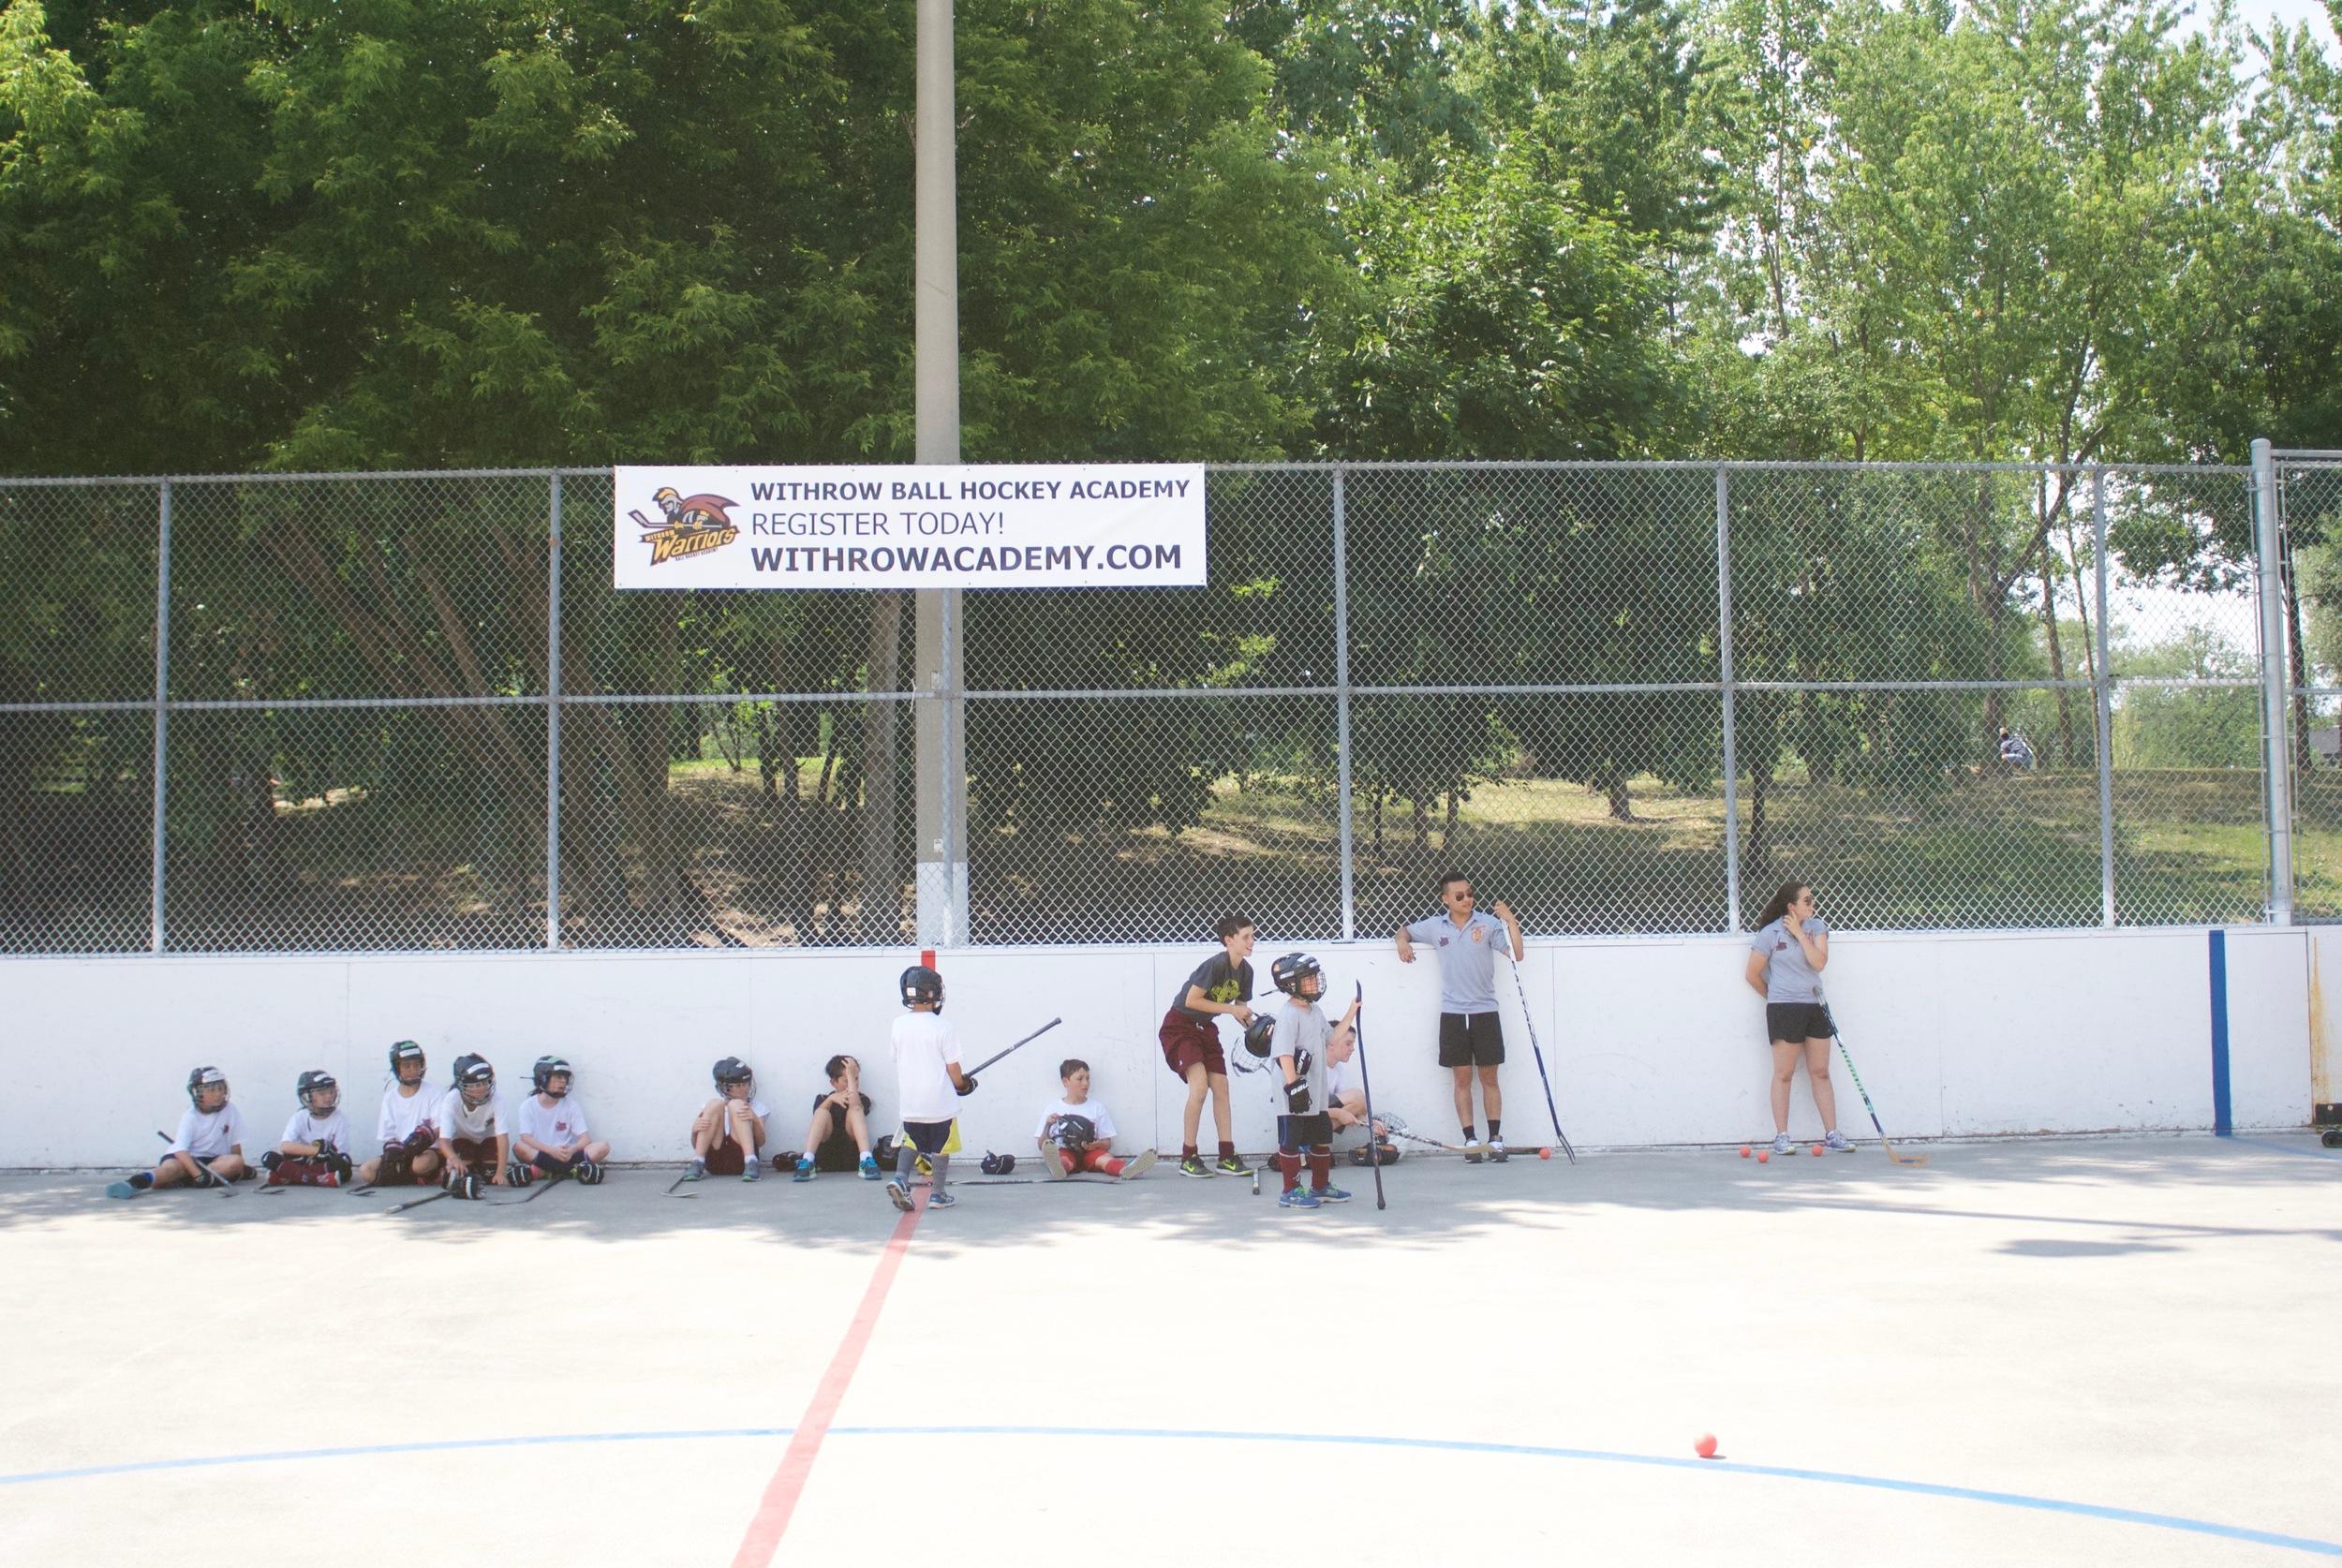 Withrow_Ball_Hockey_Academy5.jpg